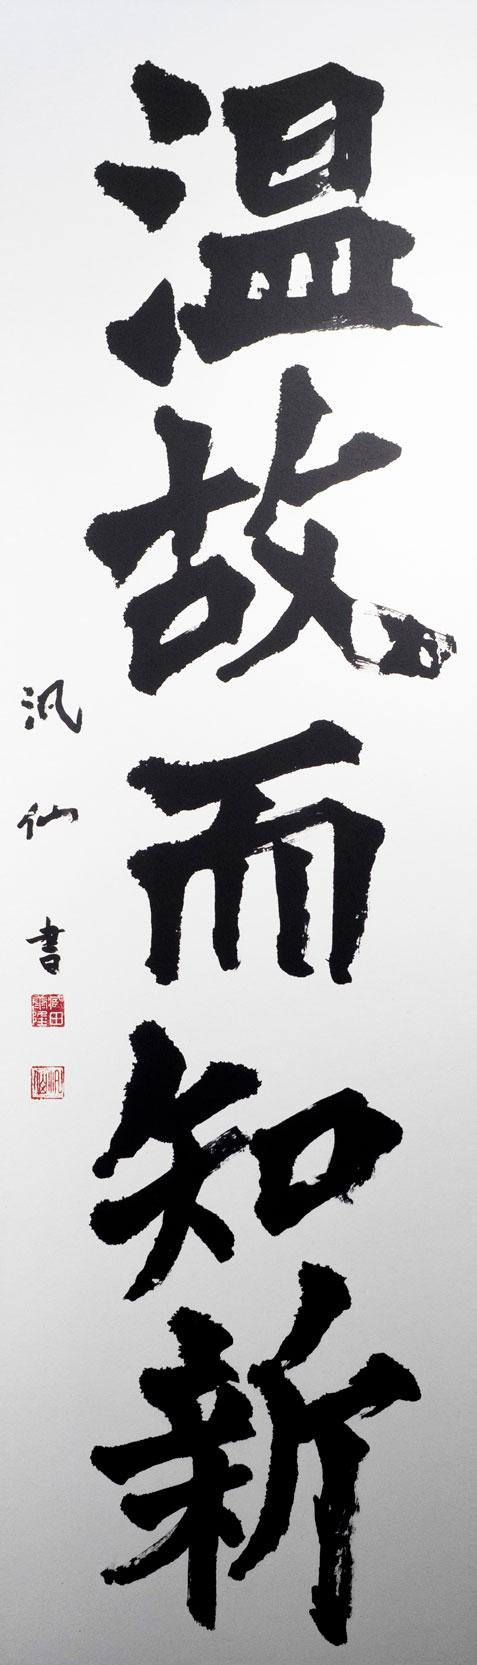 2017-jp-shodo-inspiration-714.jpg